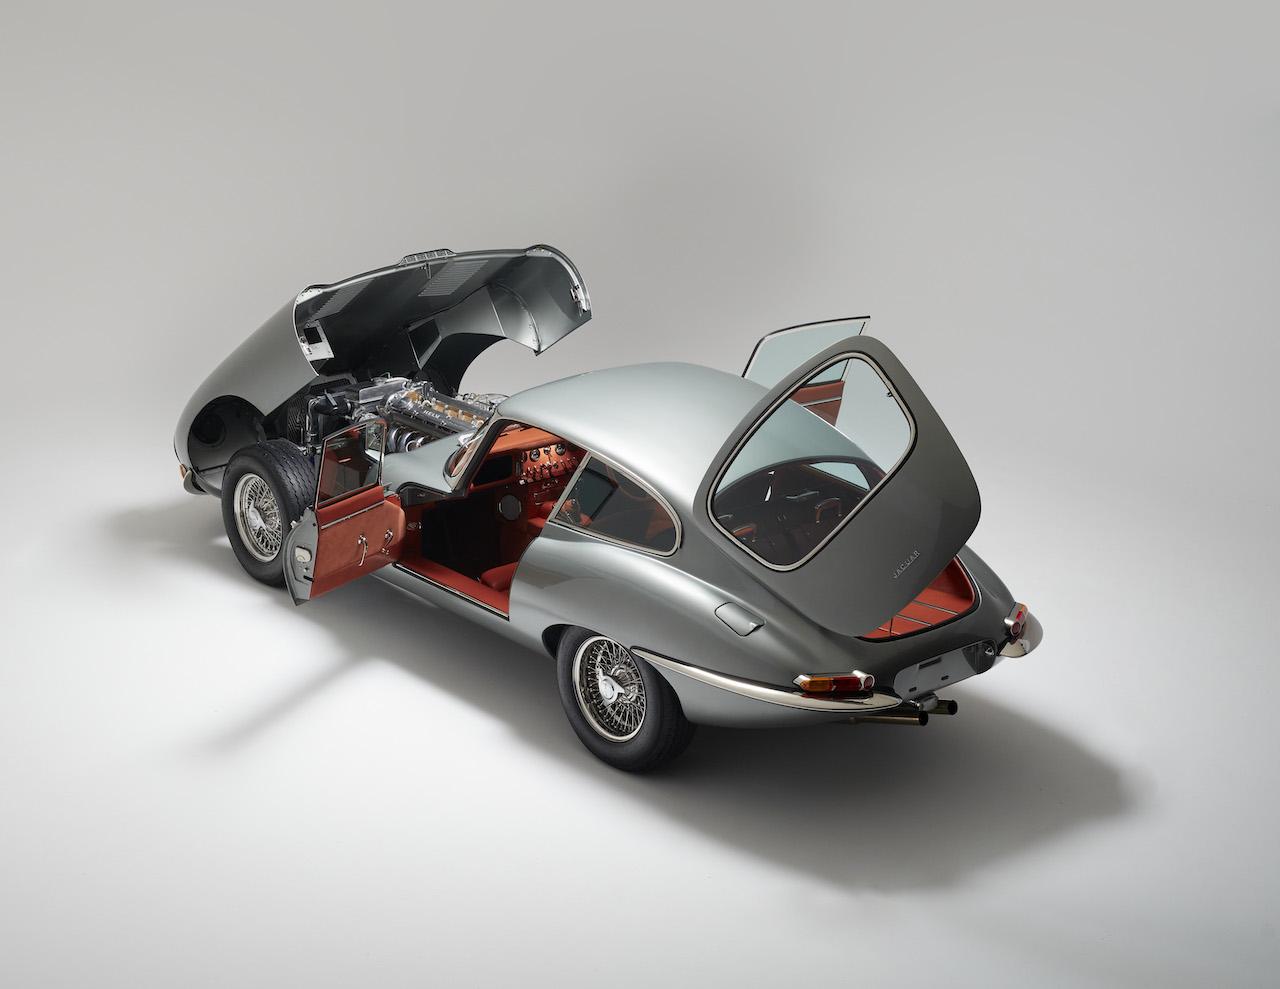 HELM Motorcars unveils The Jaguar E-type Re-imagined